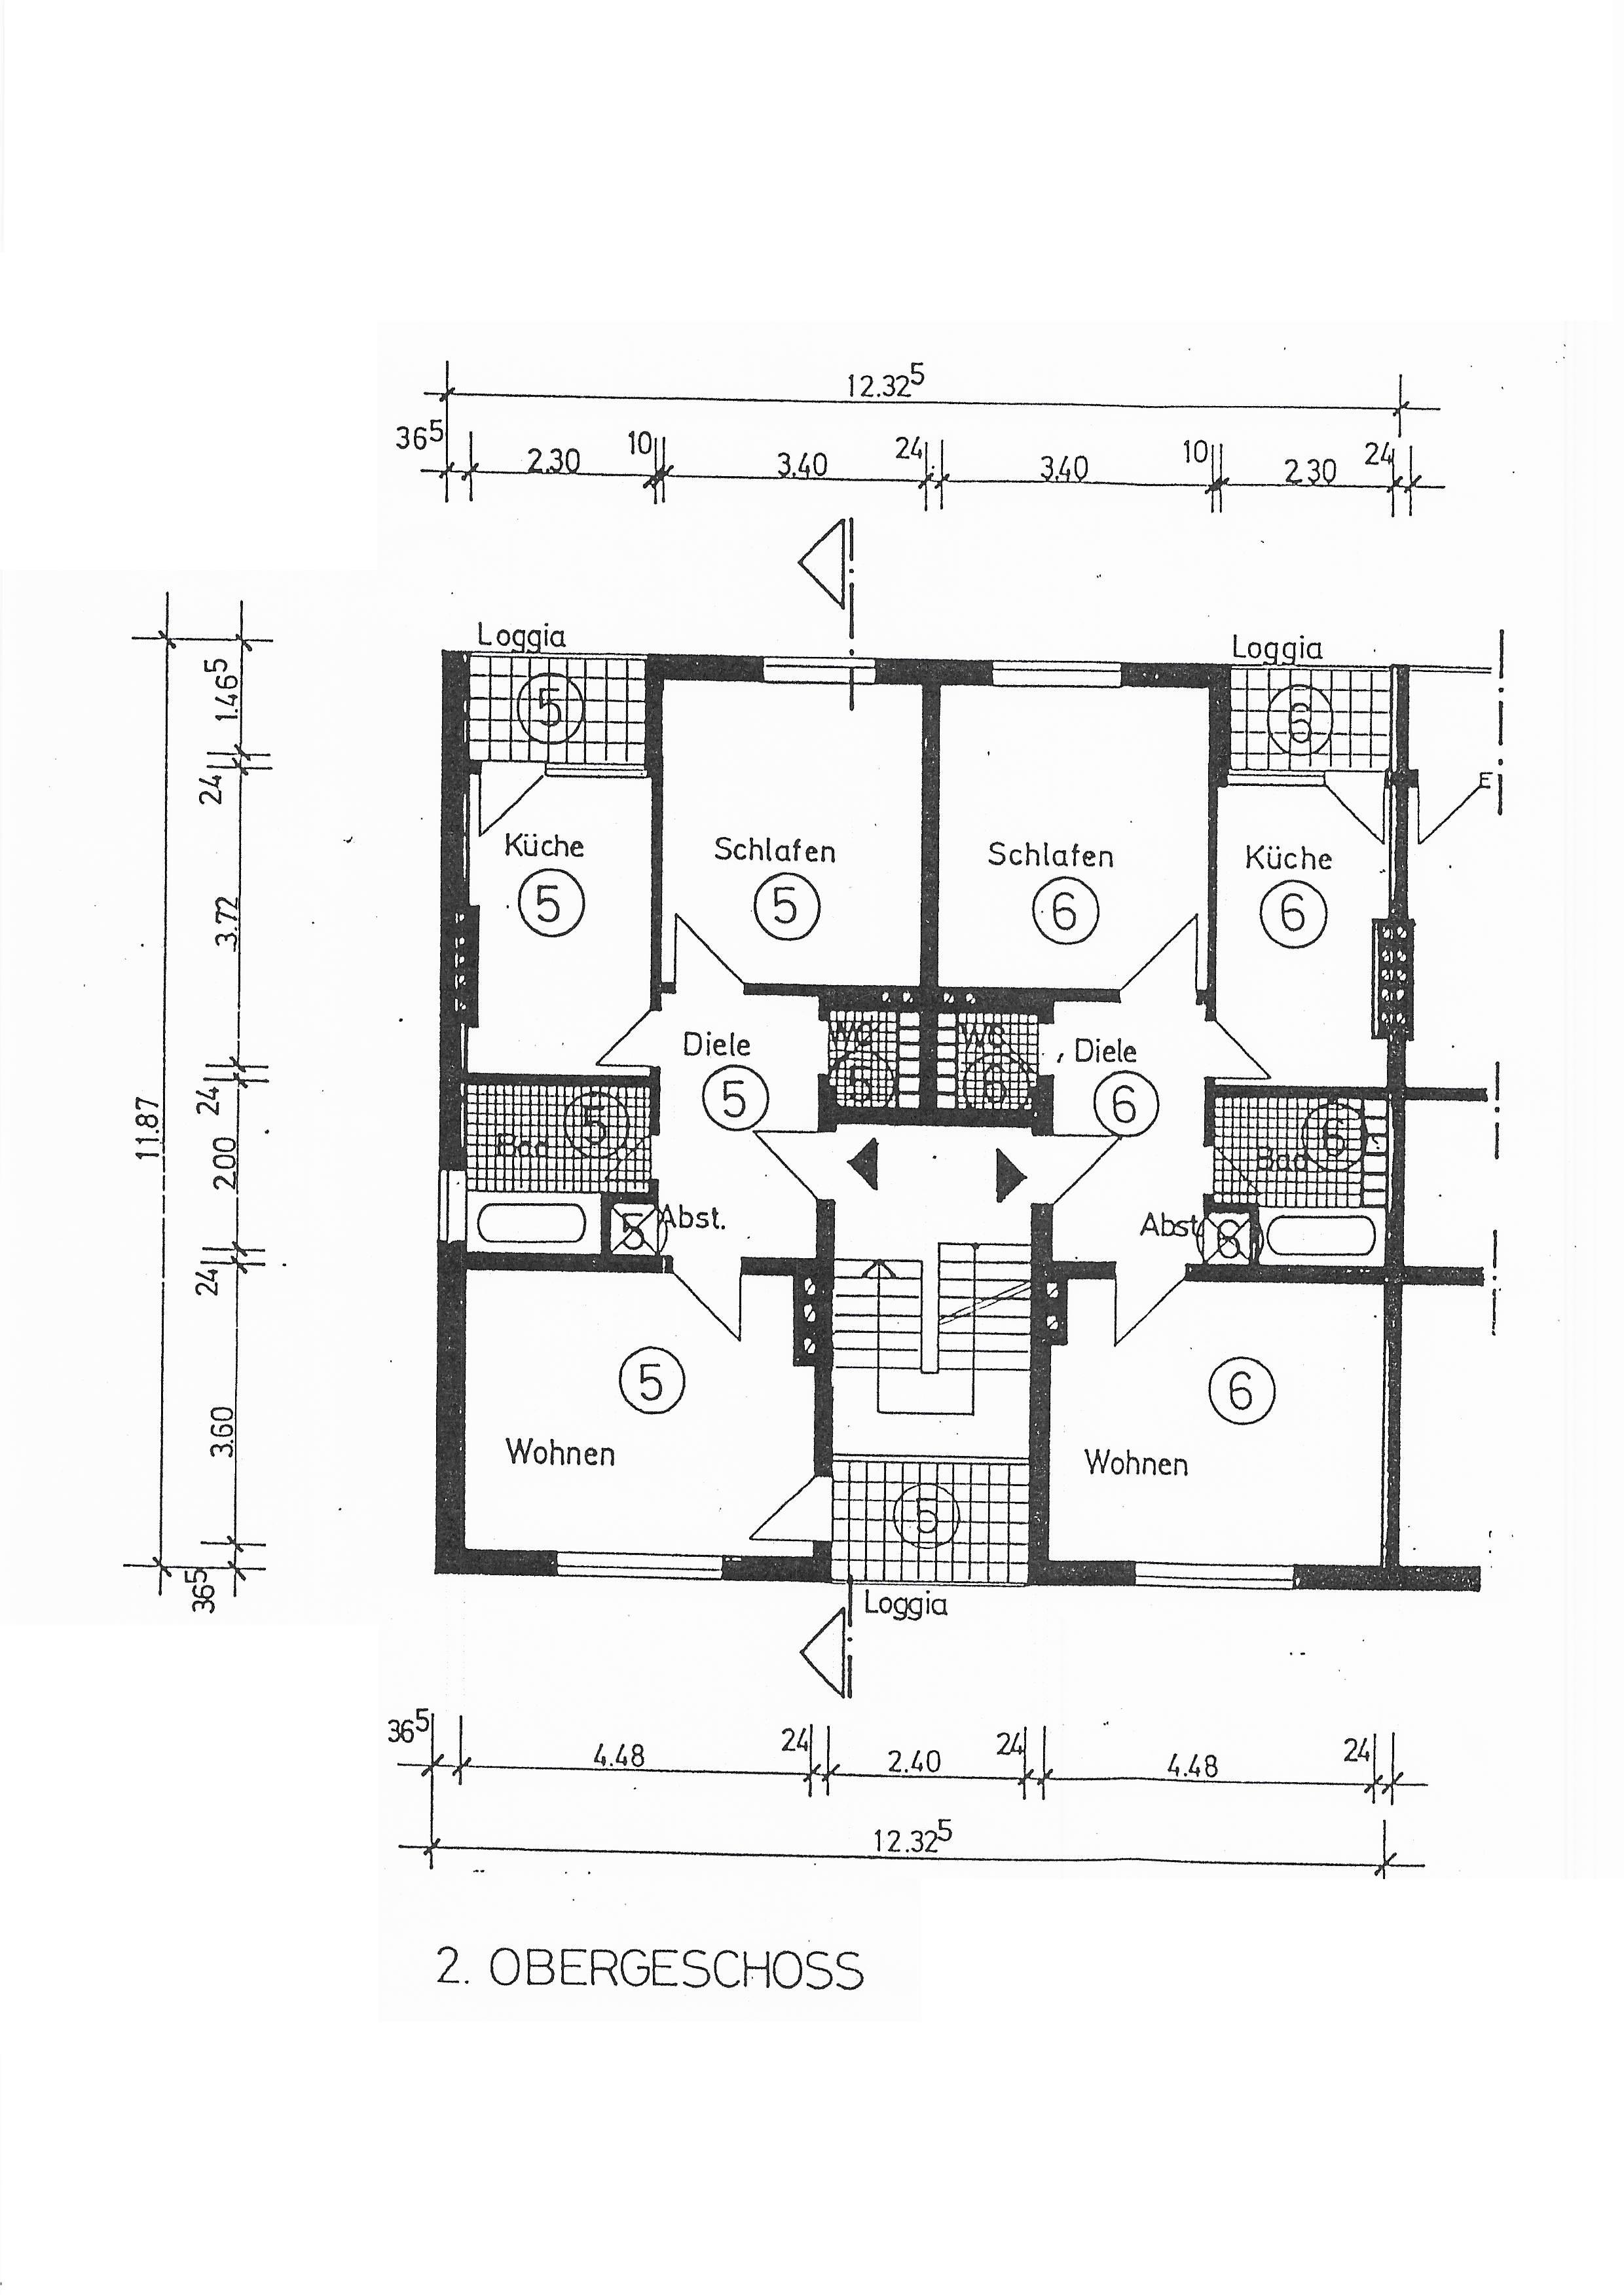 Grundriss WE 5 2. Obergeschoss